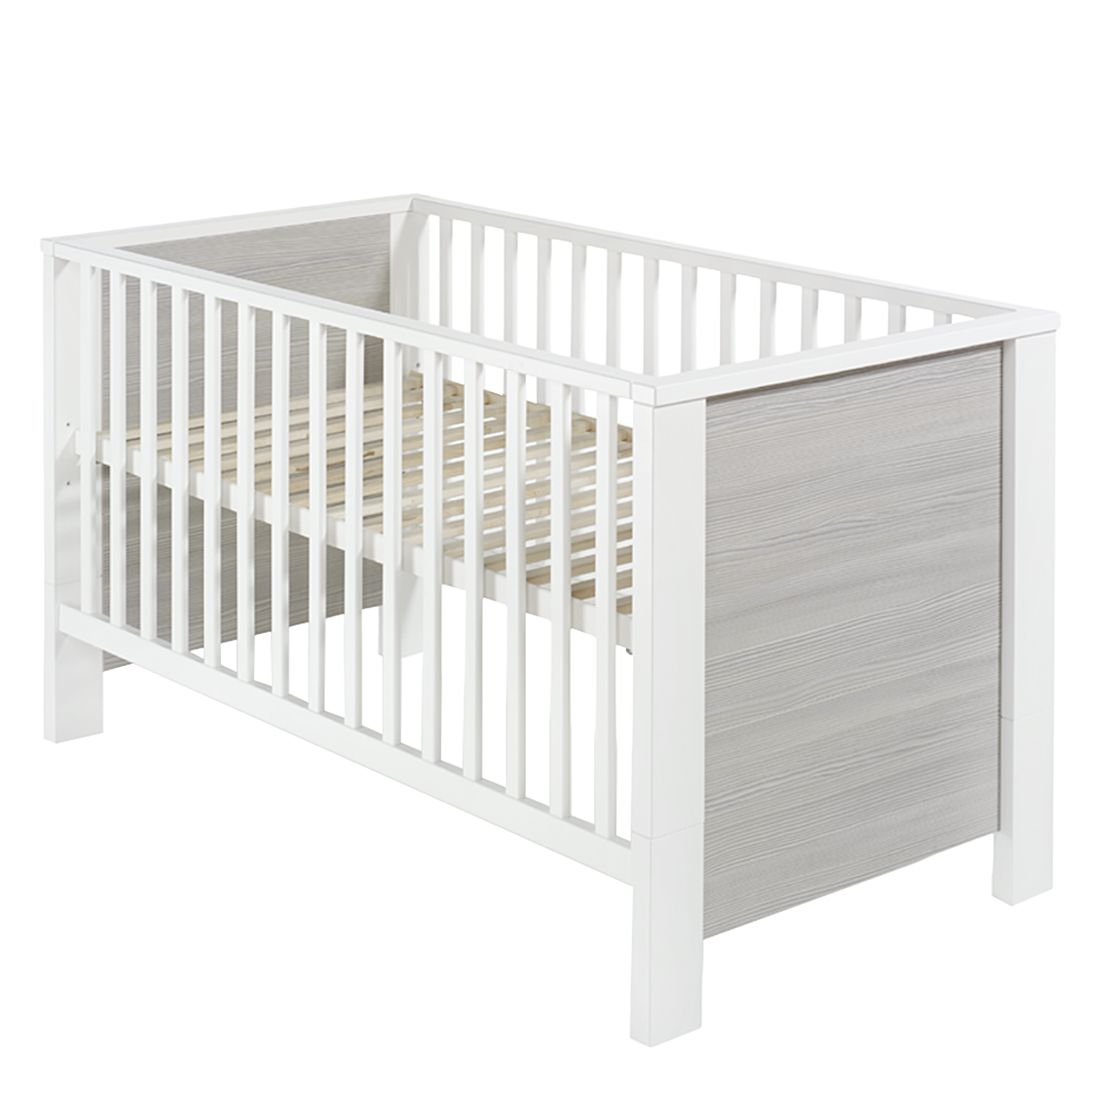 Babybett Milano - Pinie Silber Dekor / Weiß, Schardt